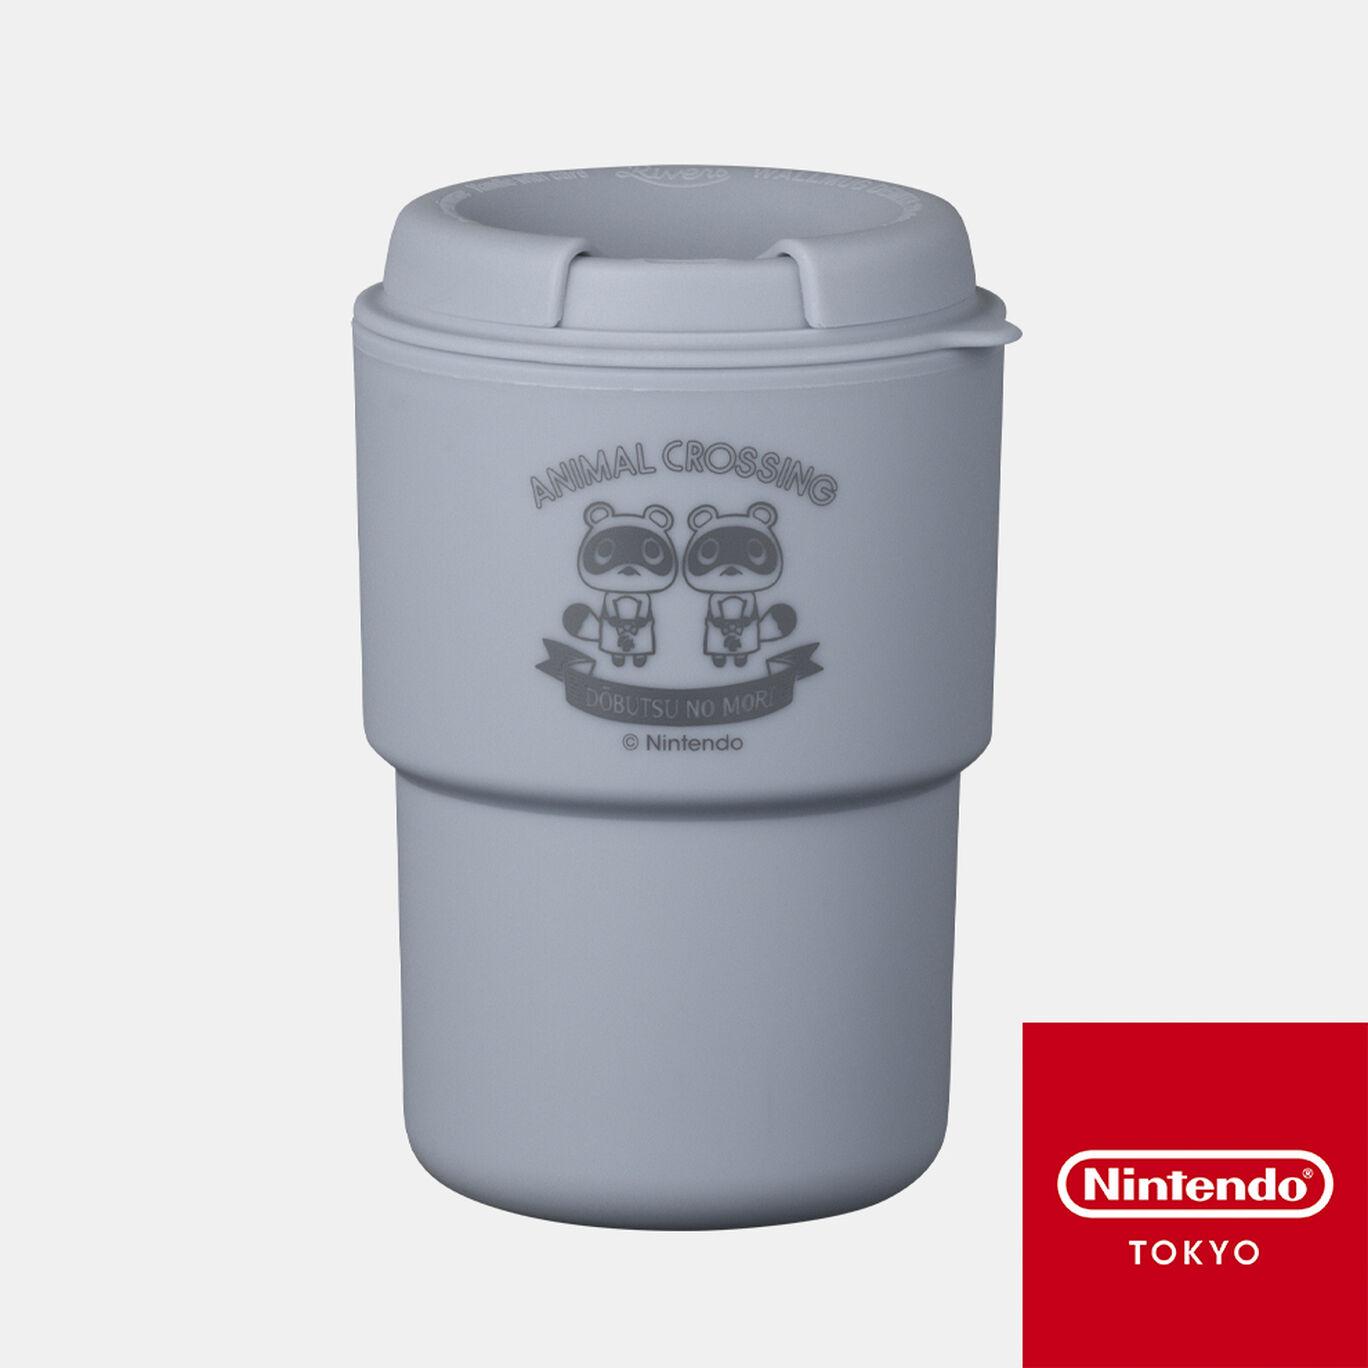 ウォールマグデミタ どうぶつの森 B【Nintendo TOKYO取り扱い商品】